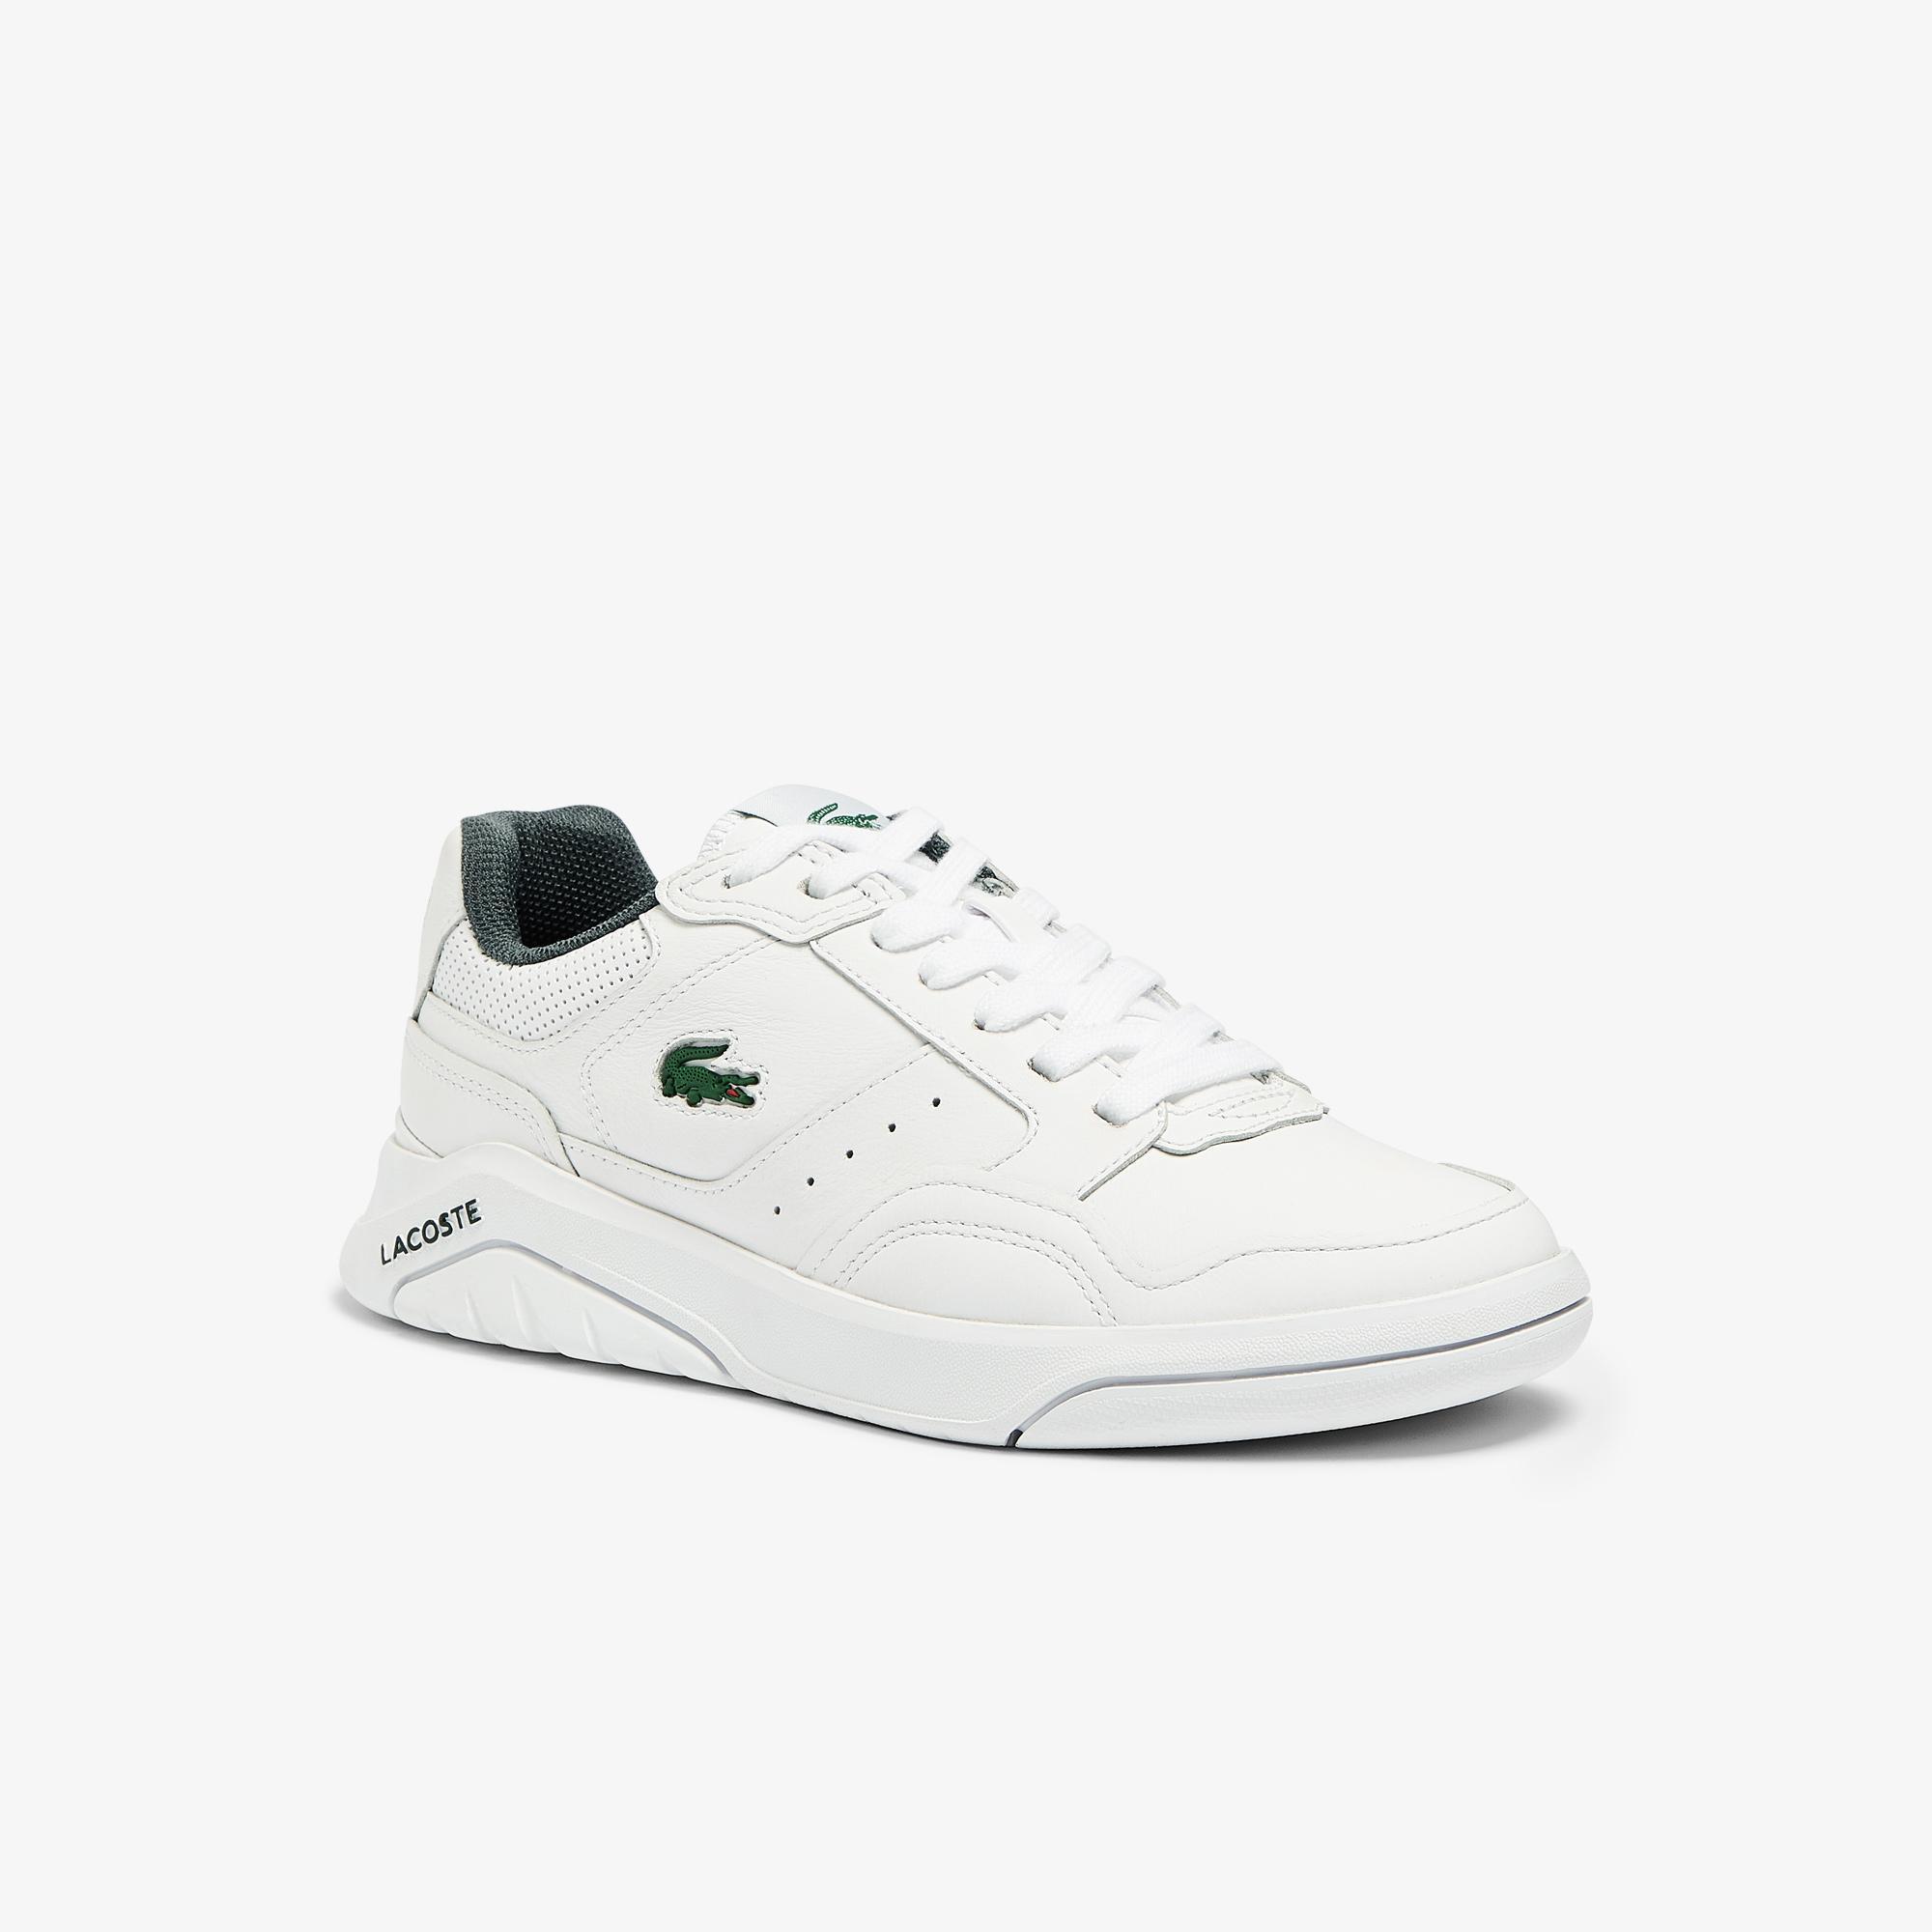 Lacoste Game Advance Luxe07213Sfa Kadın Beyaz - Koyu Yeşil Sneaker